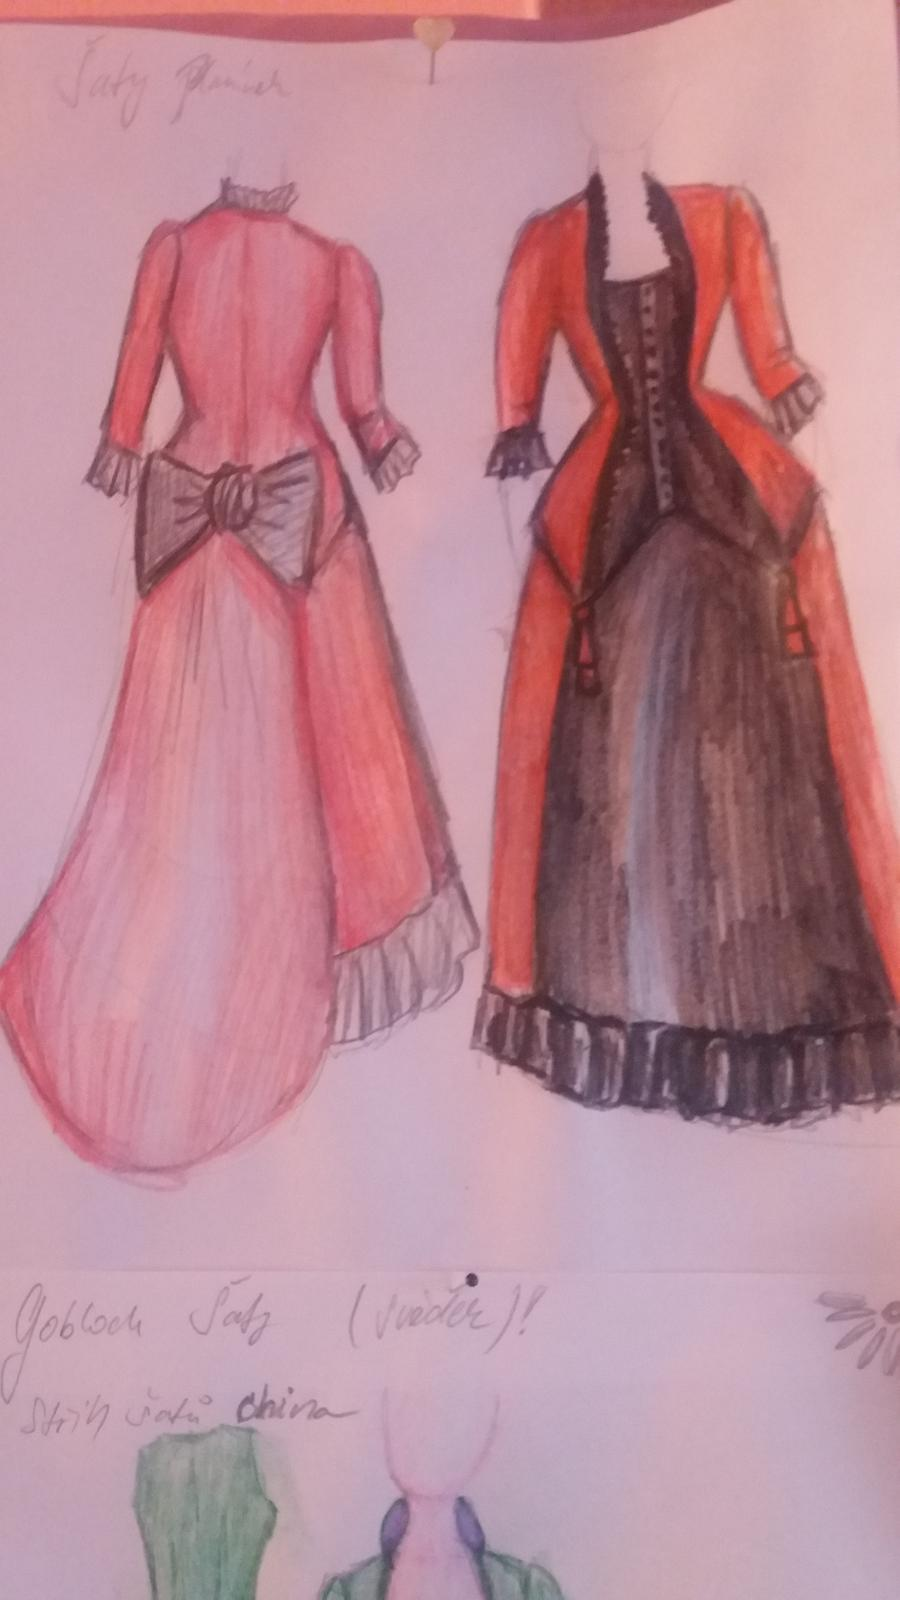 Naše dobová viktoriánská  svatba - Návrh šatů pro hlavní družičku.